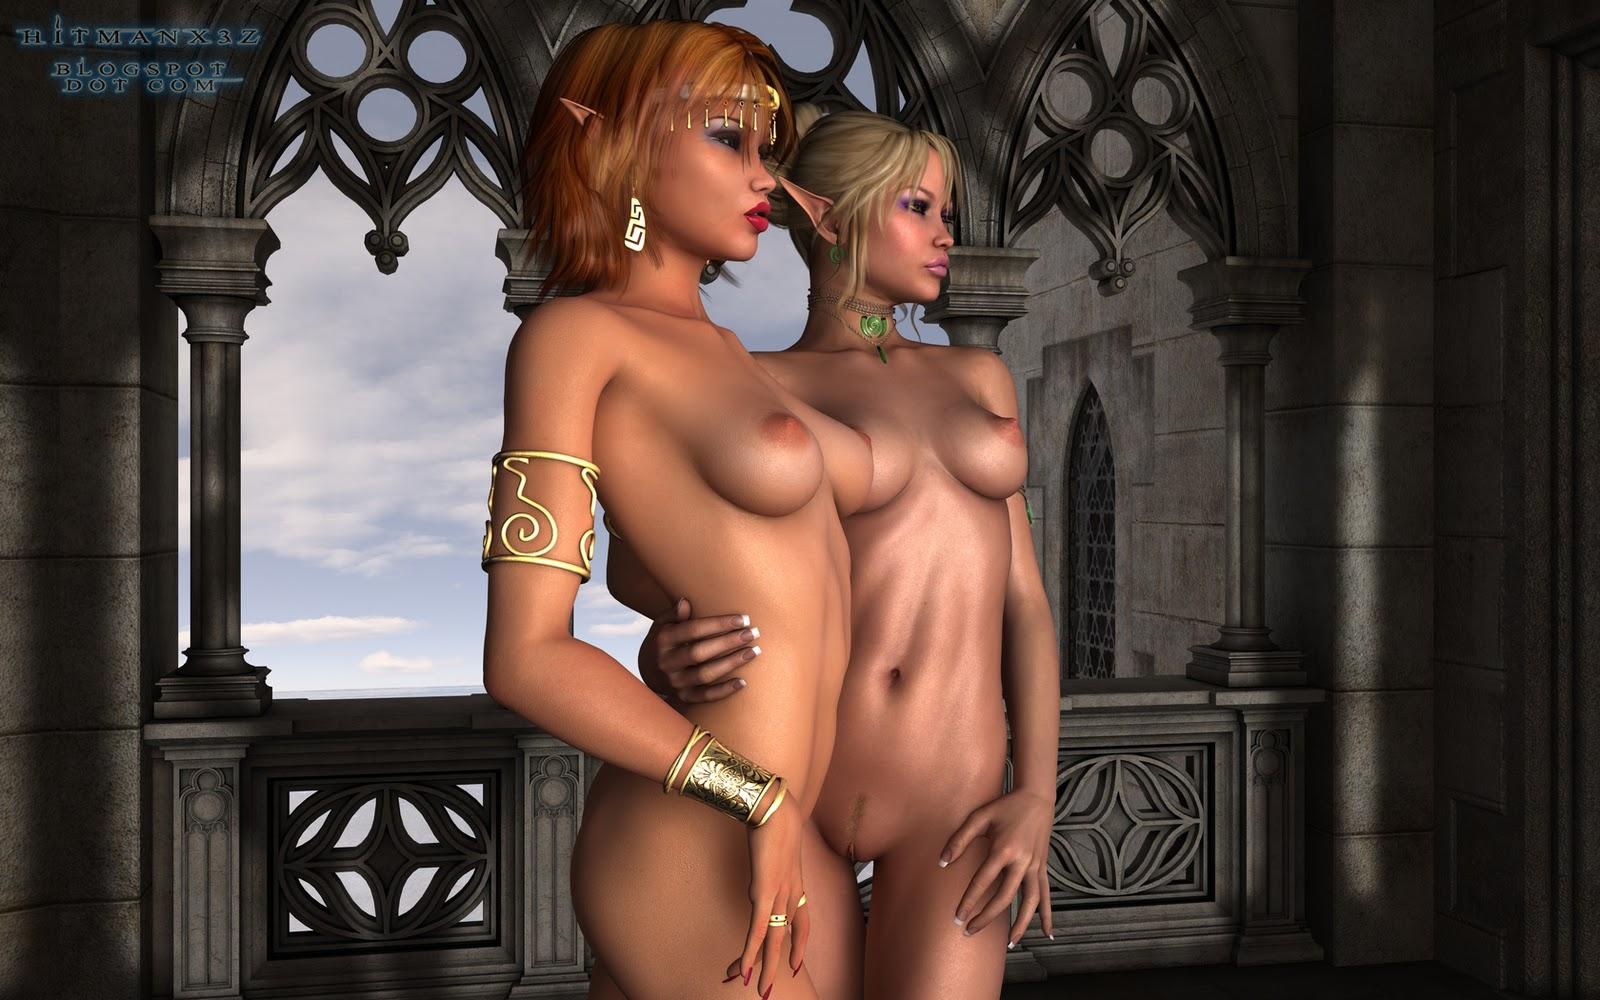 Эльфийка из эротическая игра, Сексуальная эльфийка ебется с орком из игры Warcraft 2 фотография